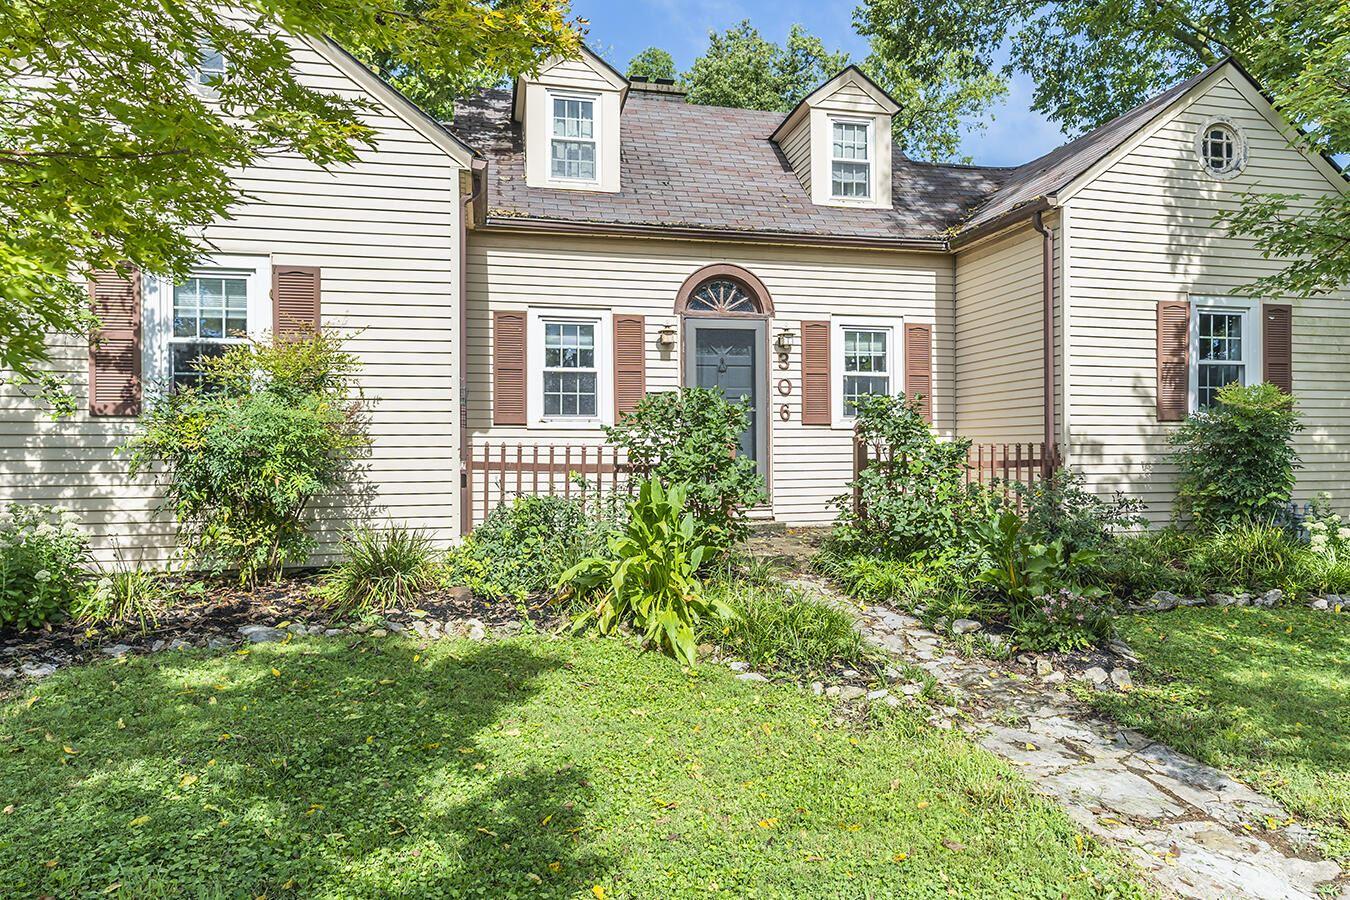 306 South 3rd, Richmond, KY 40475 - MLS#: 20120205